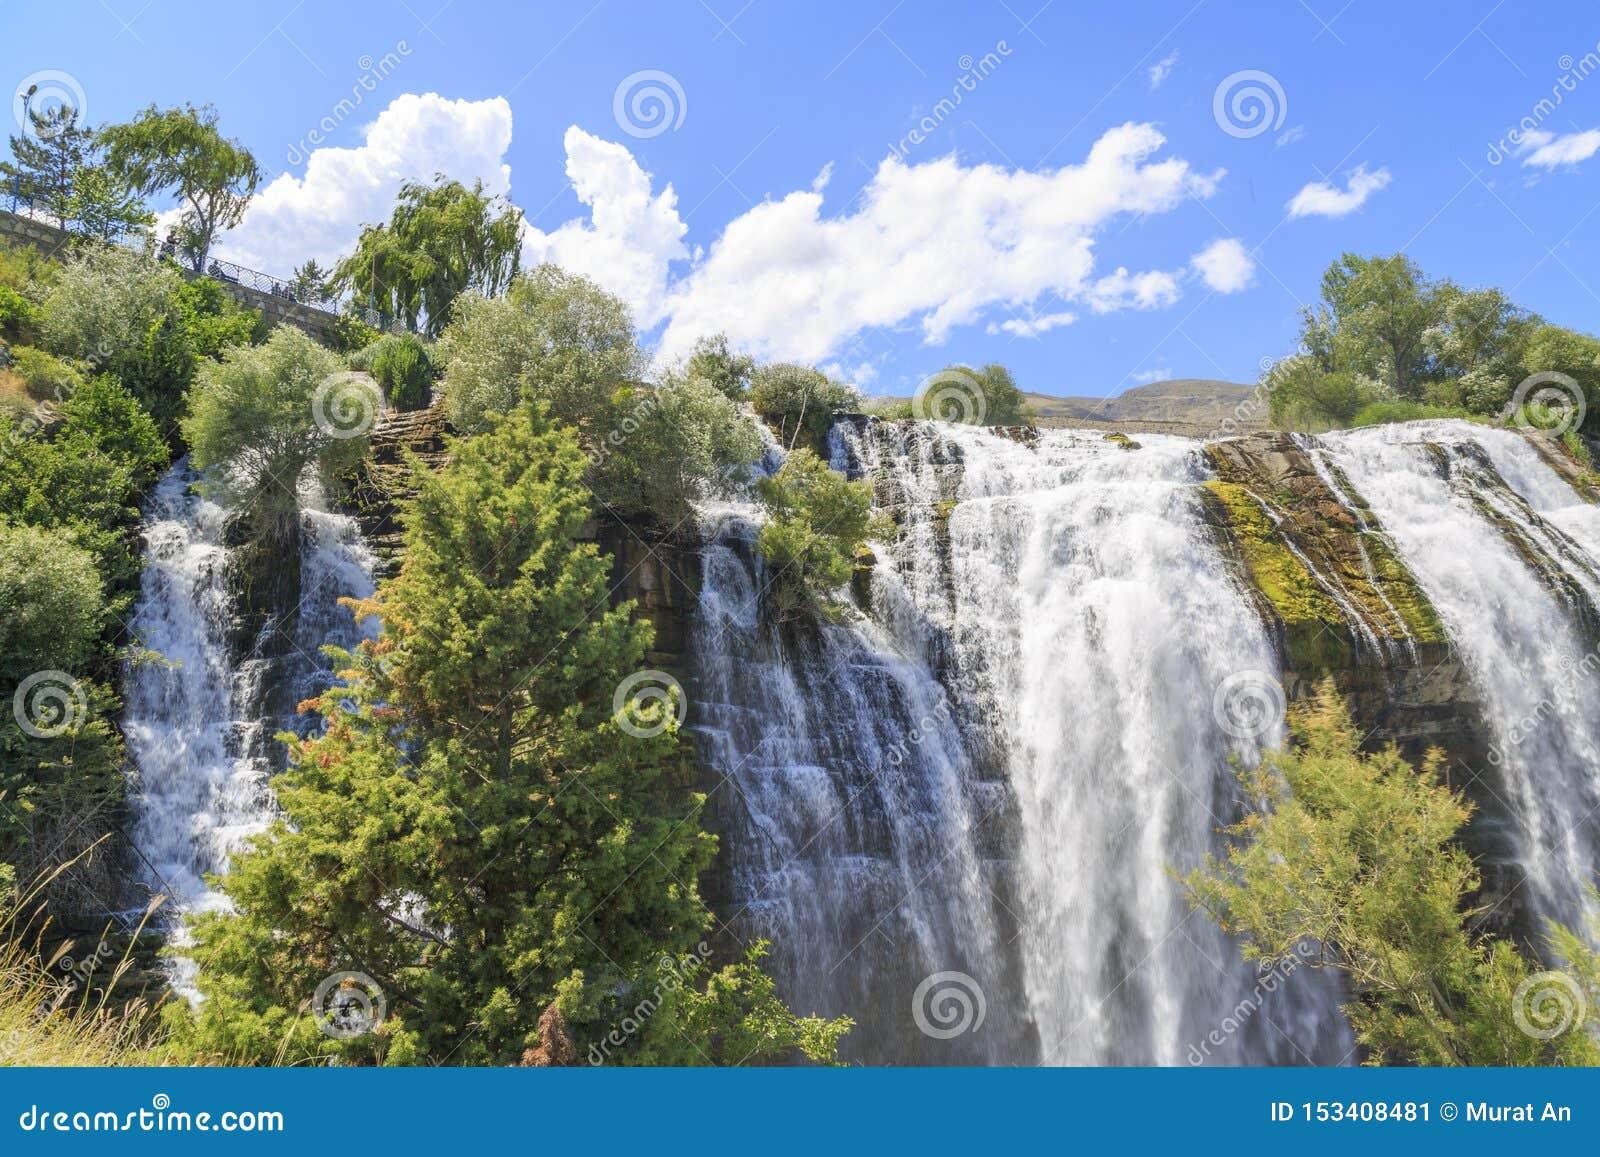 De waterval van Tortumuzundere van middendeel in Erzurum, Turkije